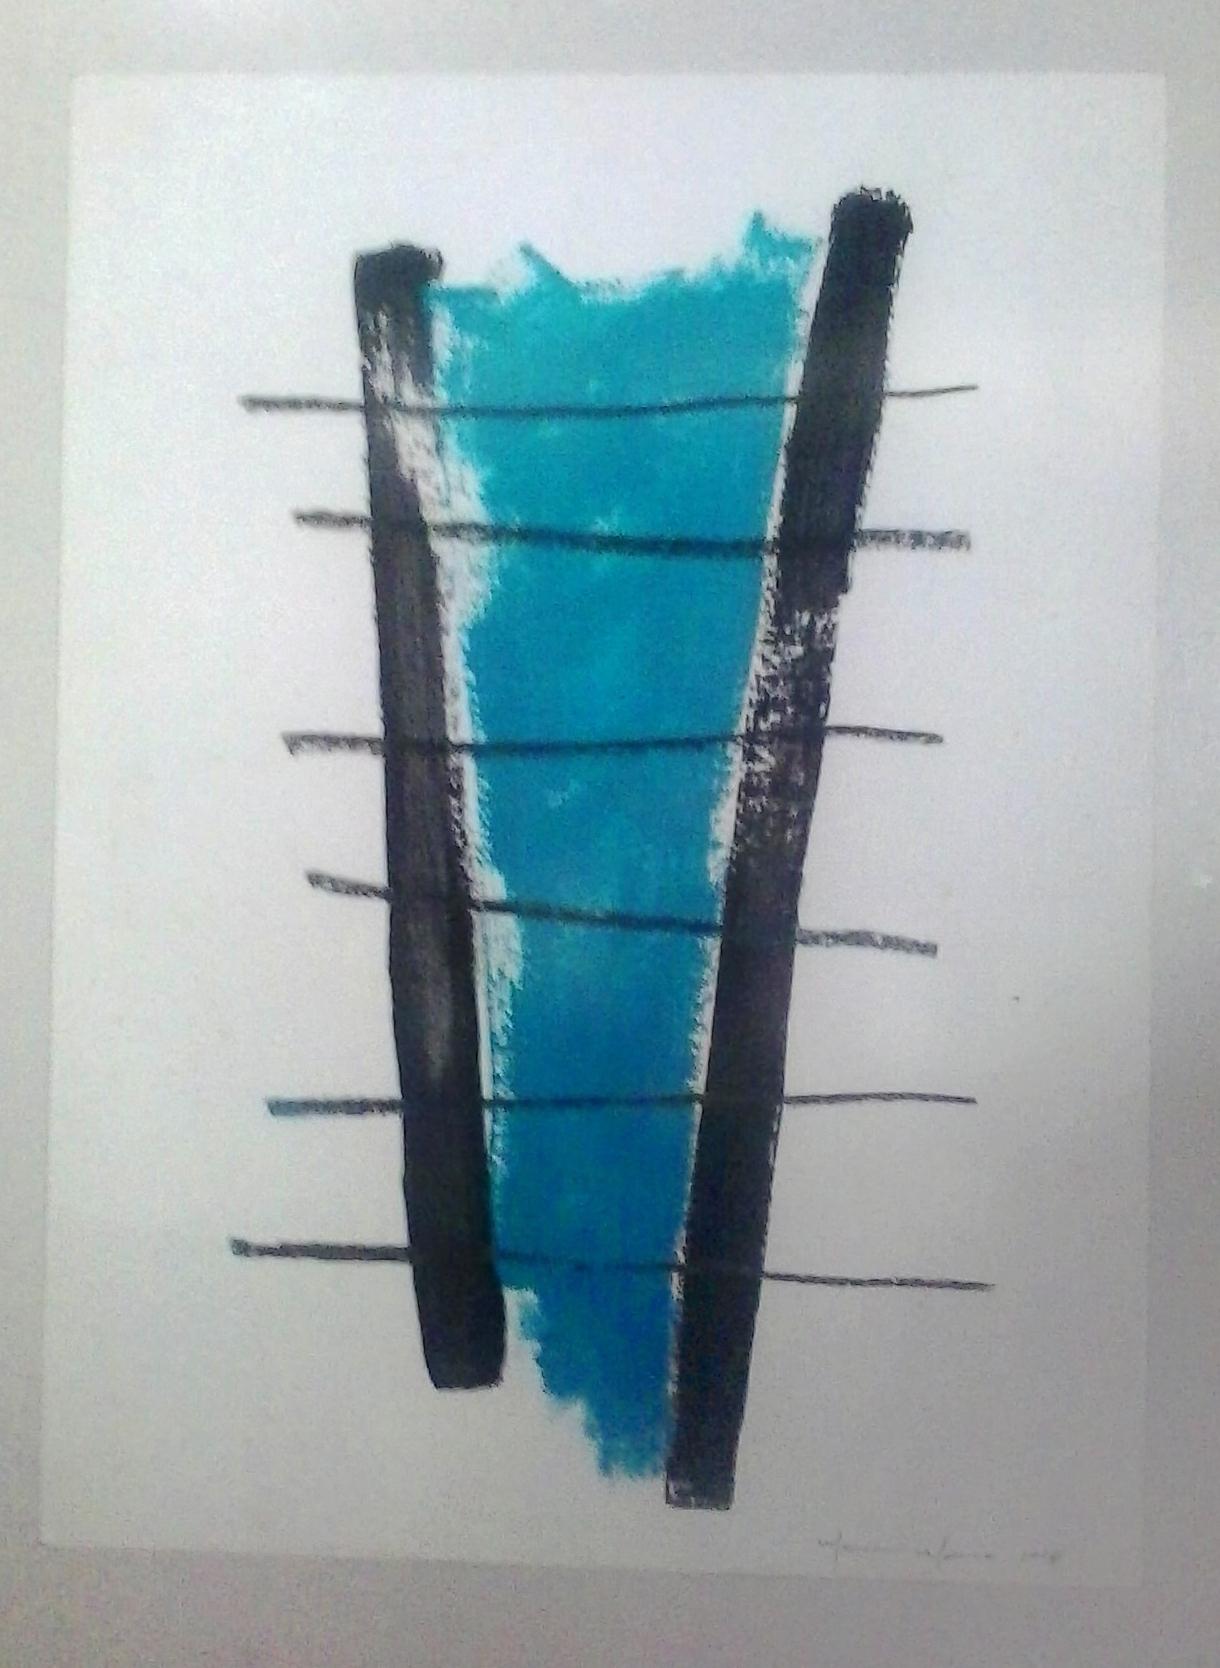 Marcone_Moreira_-_Abstração_azul,_2006._Mista_s_papel,_60_x_47